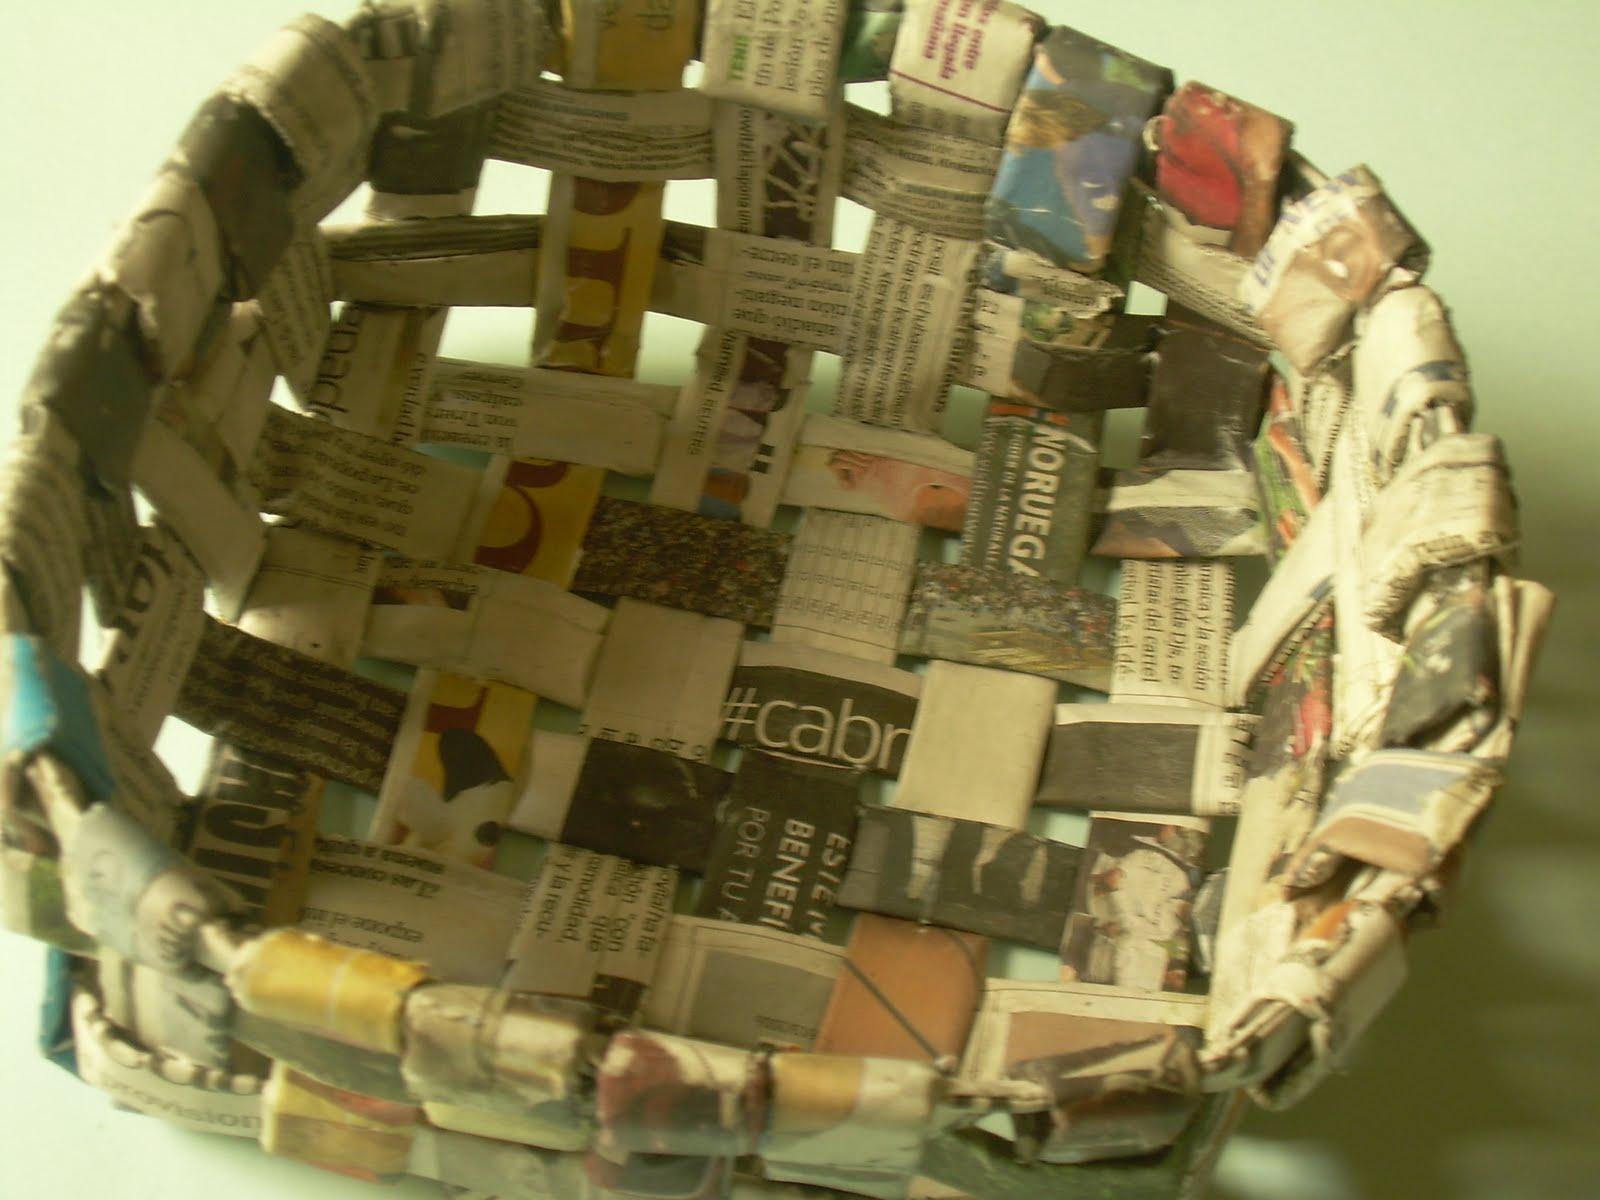 Naroha tutorial de cestas de papel peri dico - Cestas de papel de periodico ...